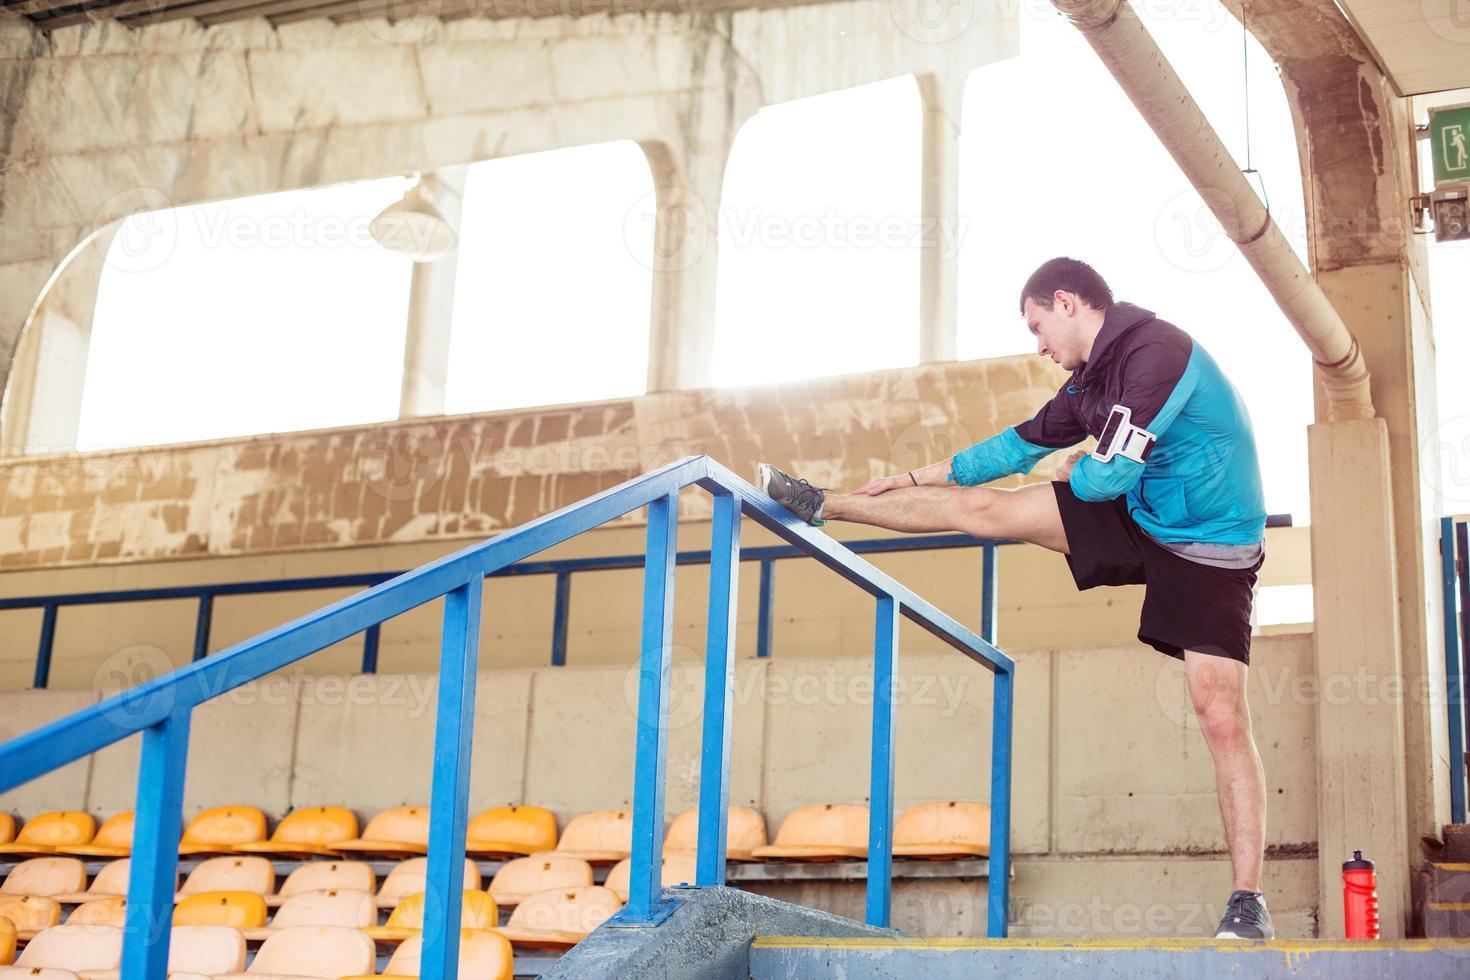 Sportler beim Erwärmen der Dehnungsübung im Stadion foto